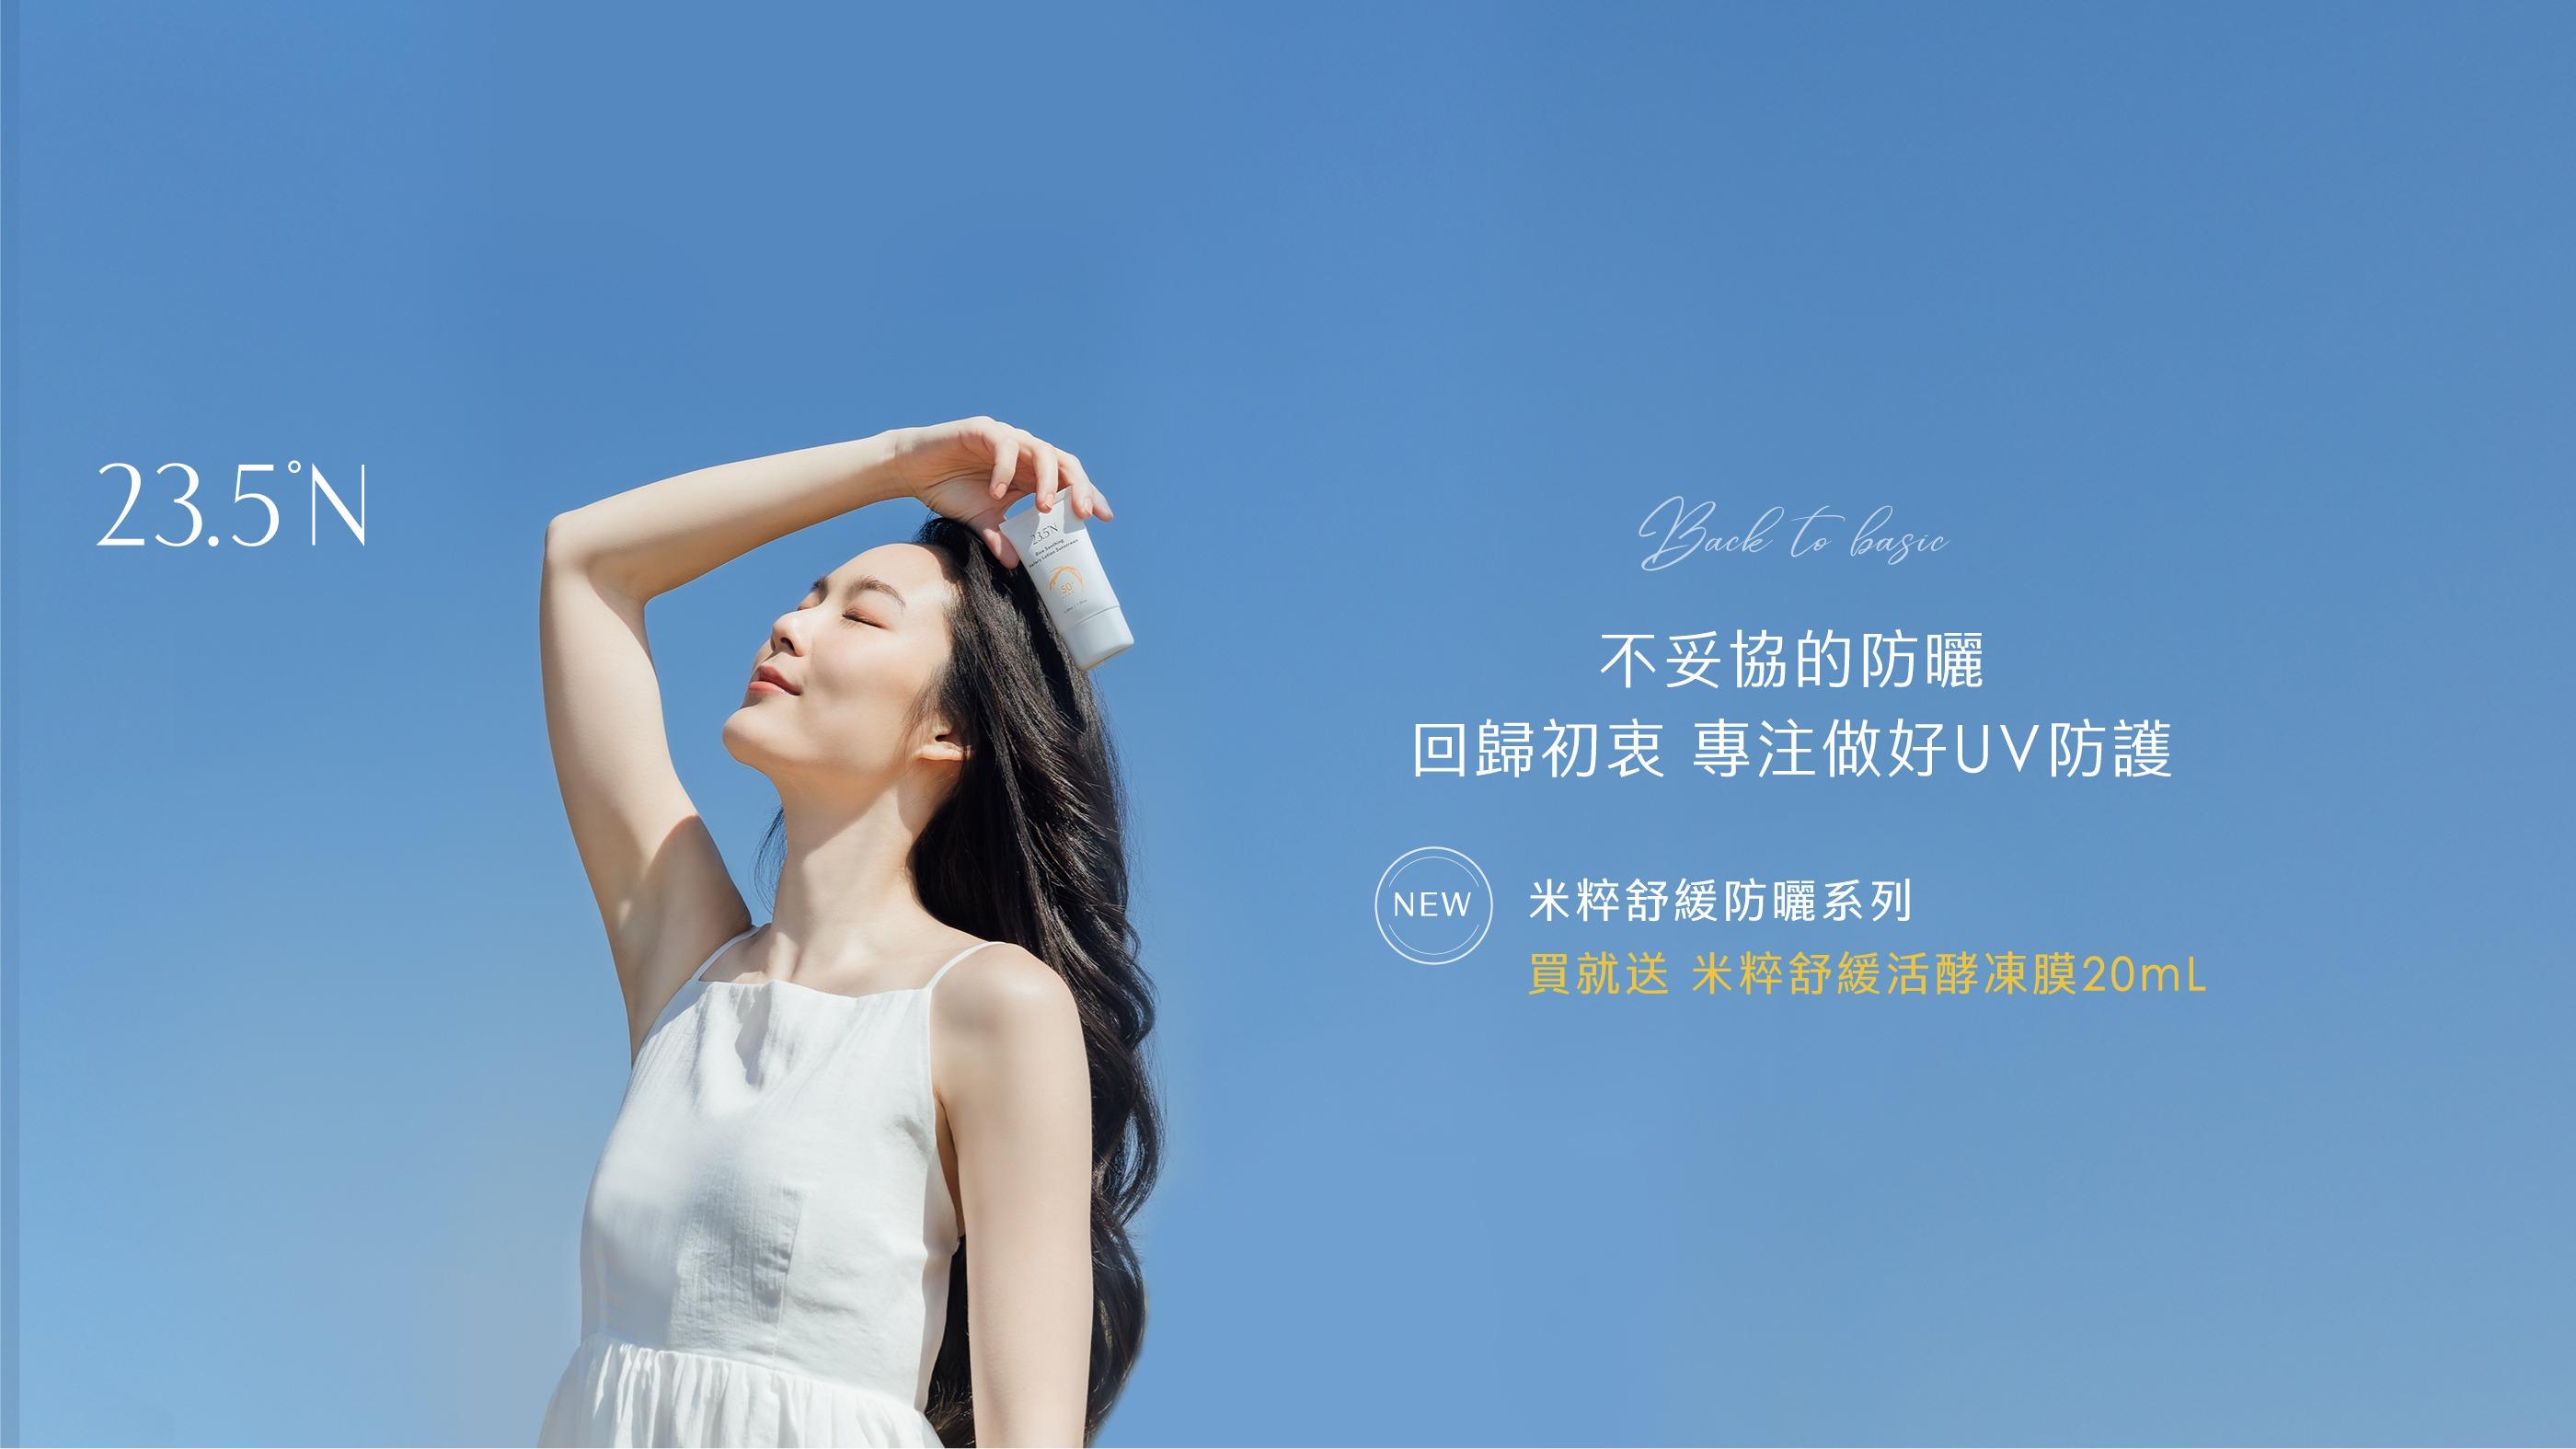 設計師品牌 - 23.5゚N 北緯研製